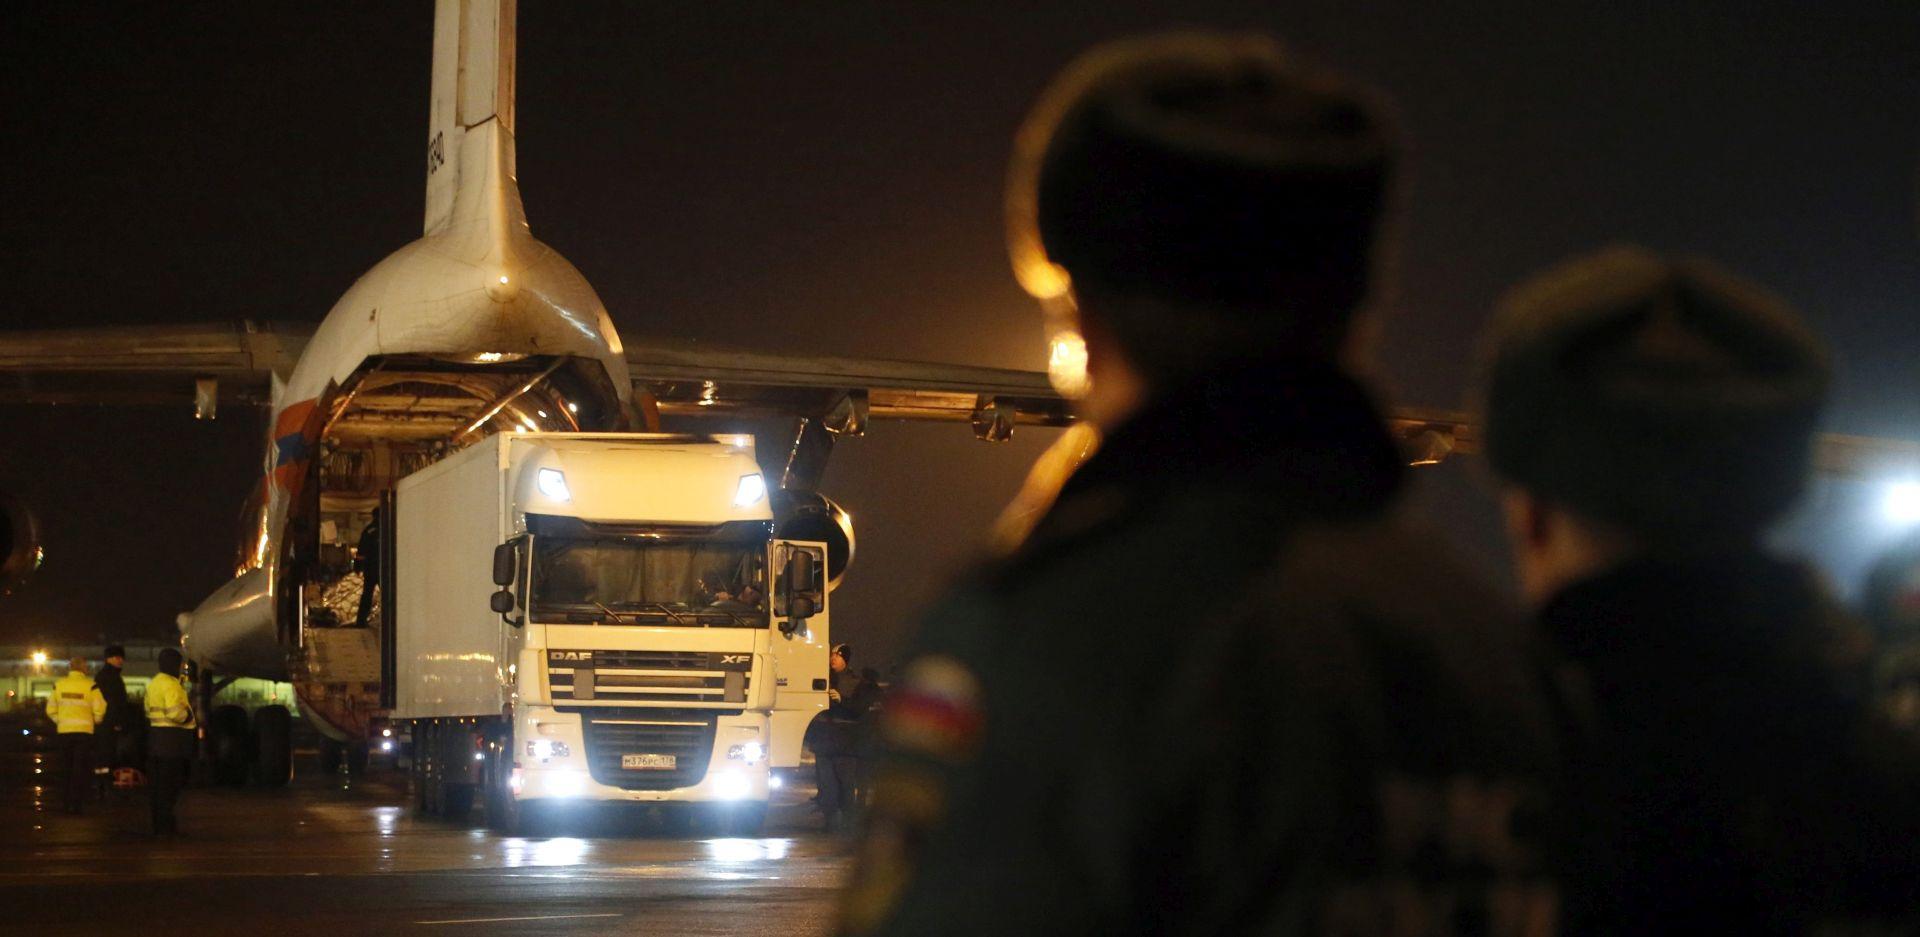 NOVI DOKAZI: Svi letovi iz Sharm el-Sheikha odgođeni zbog straha od bombaških napada